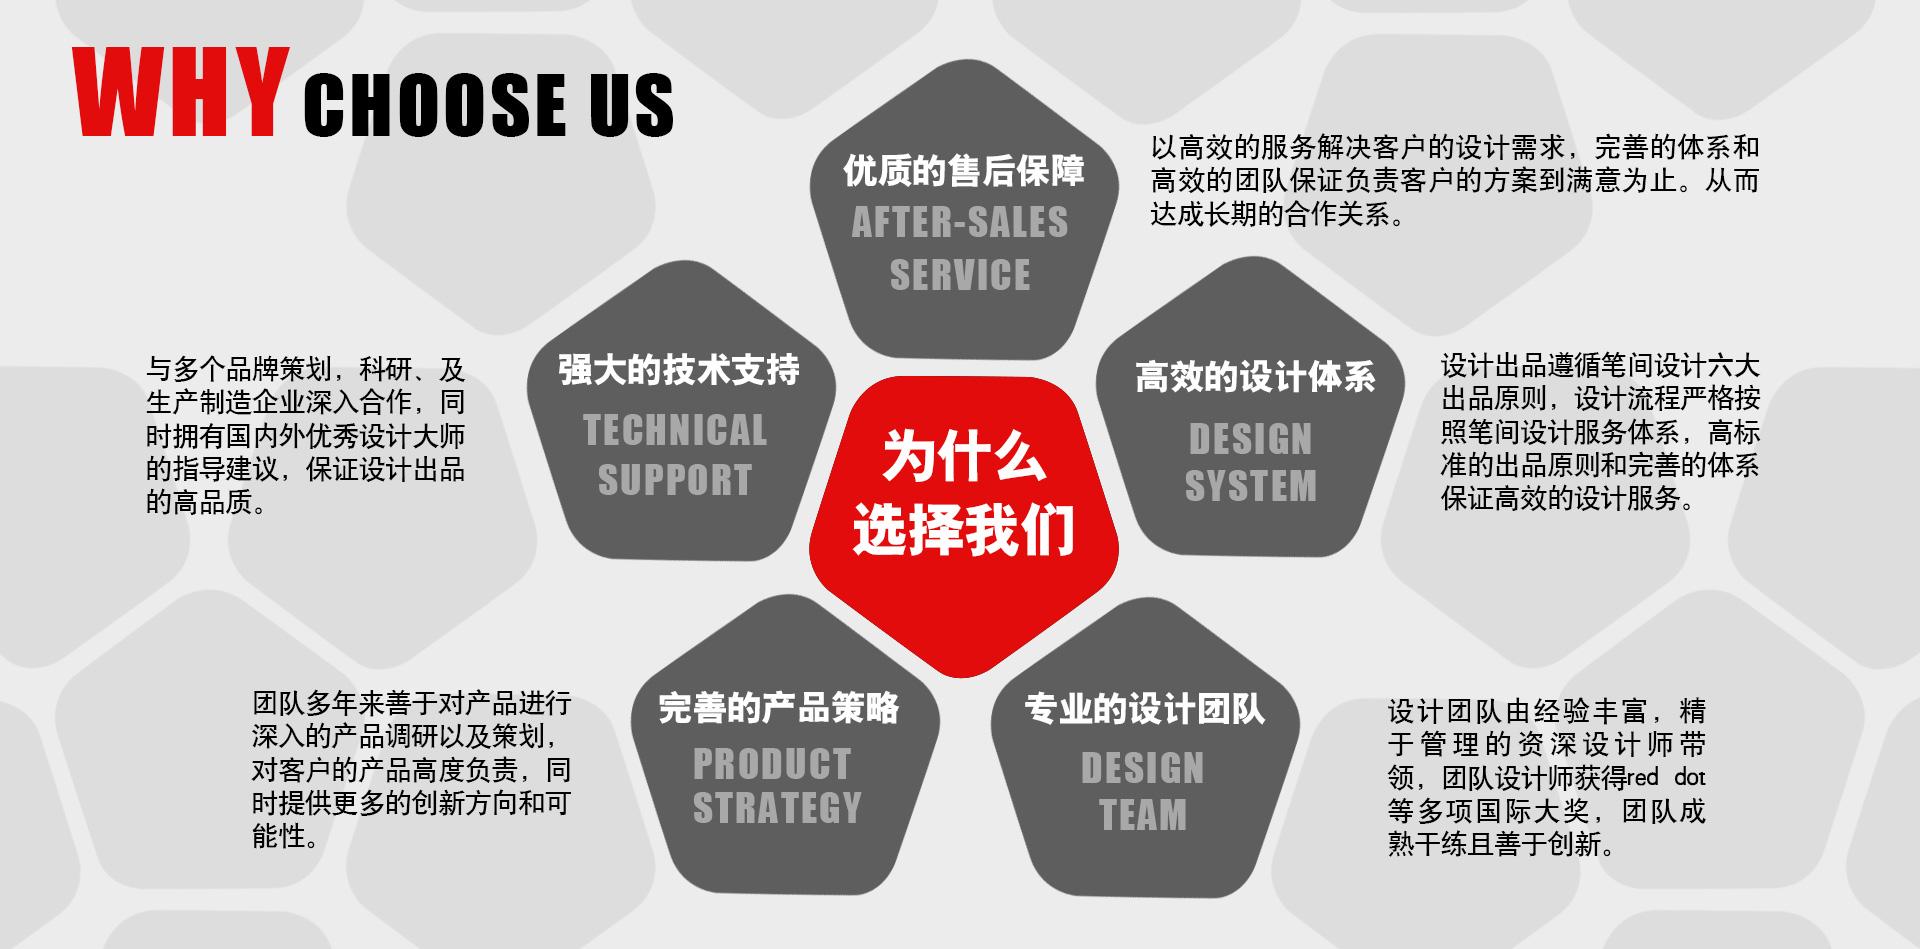 产品外观设计_【智能家电】笔间产品设计/外观设计/工业设计/智能家电器设备1